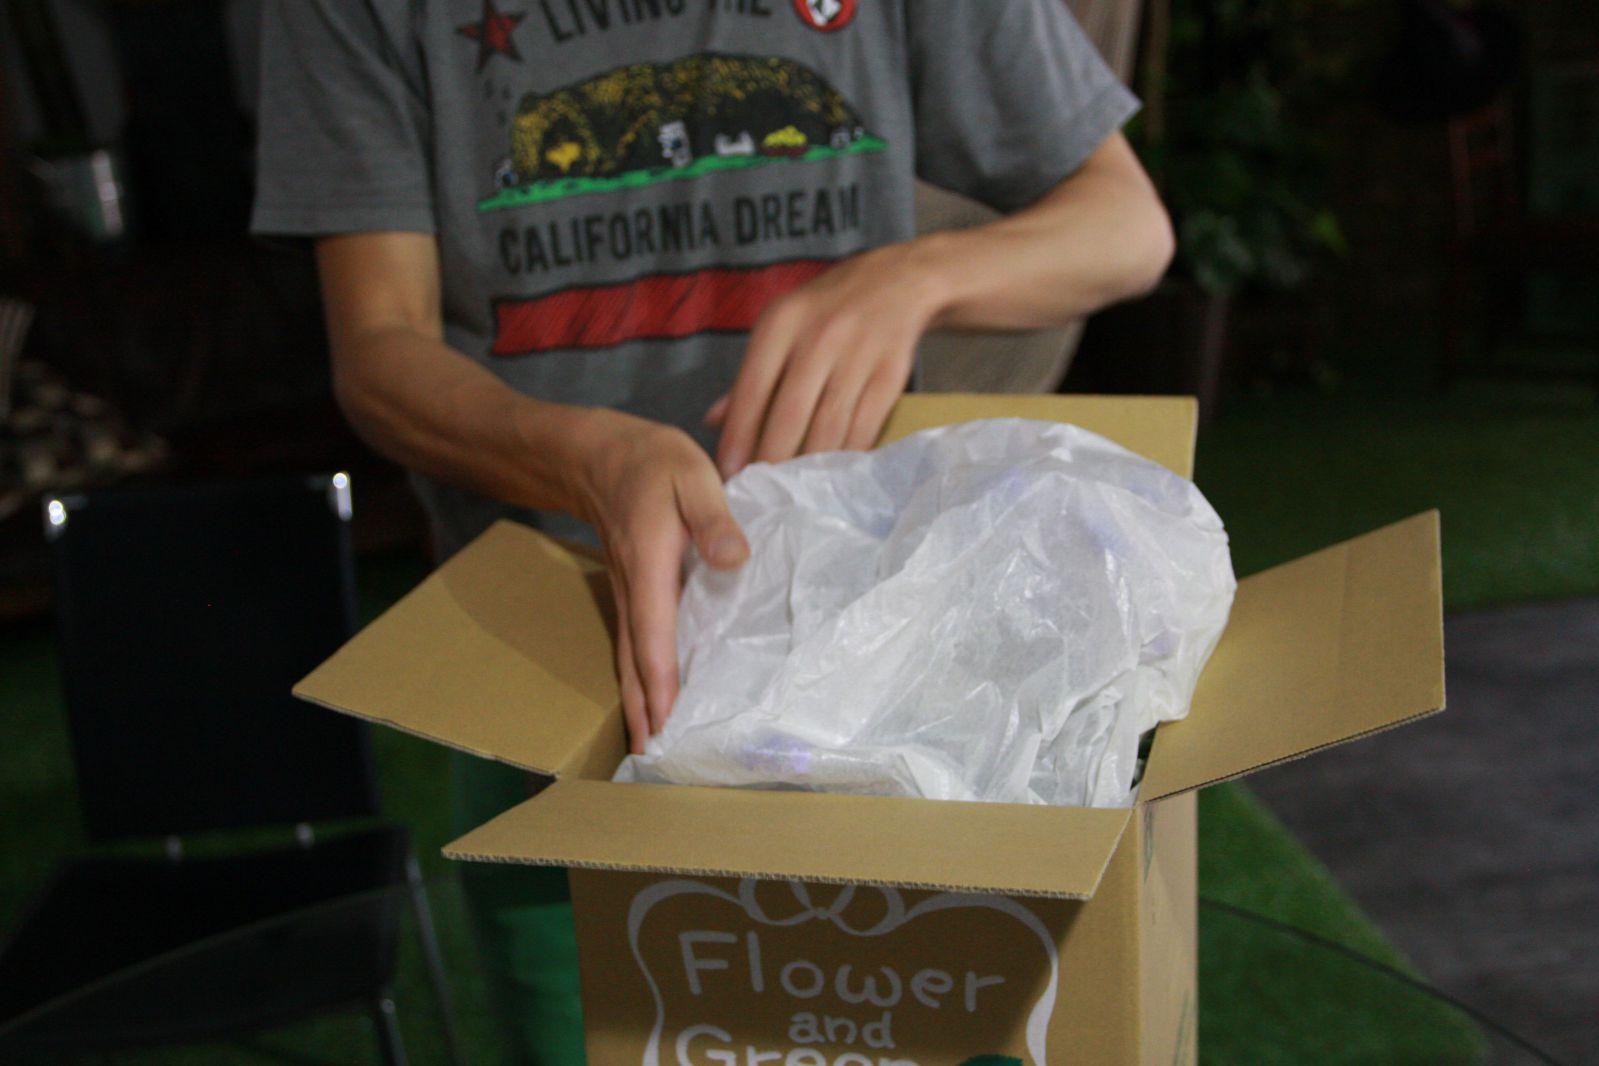 薄紙で梱包